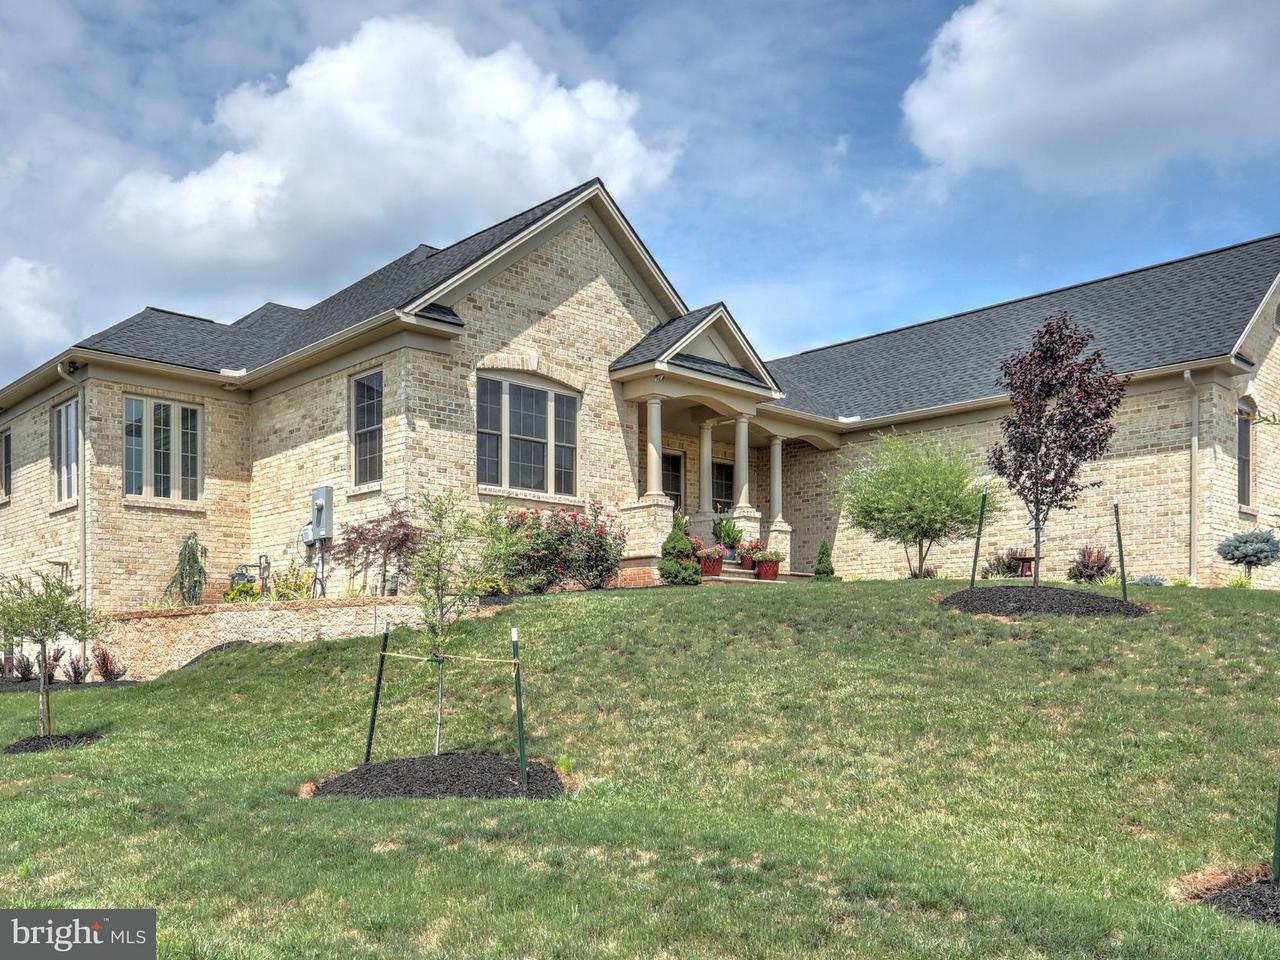 独户住宅 为 销售 在 1505 WINSFORD Lane 1505 WINSFORD Lane 约克郡, 宾夕法尼亚州 17404 美国